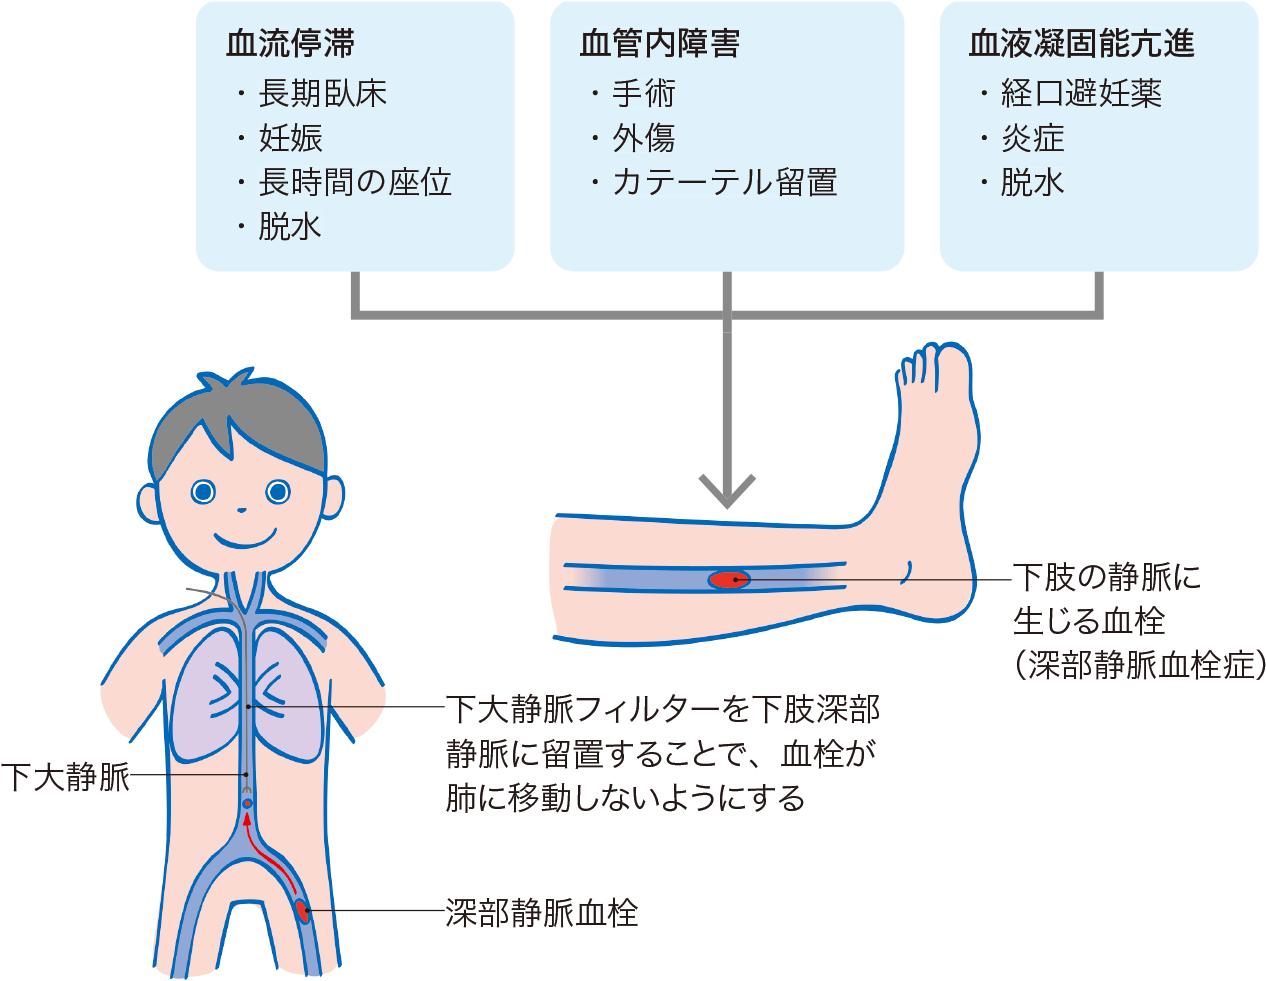 深部静脈血栓形成の病態